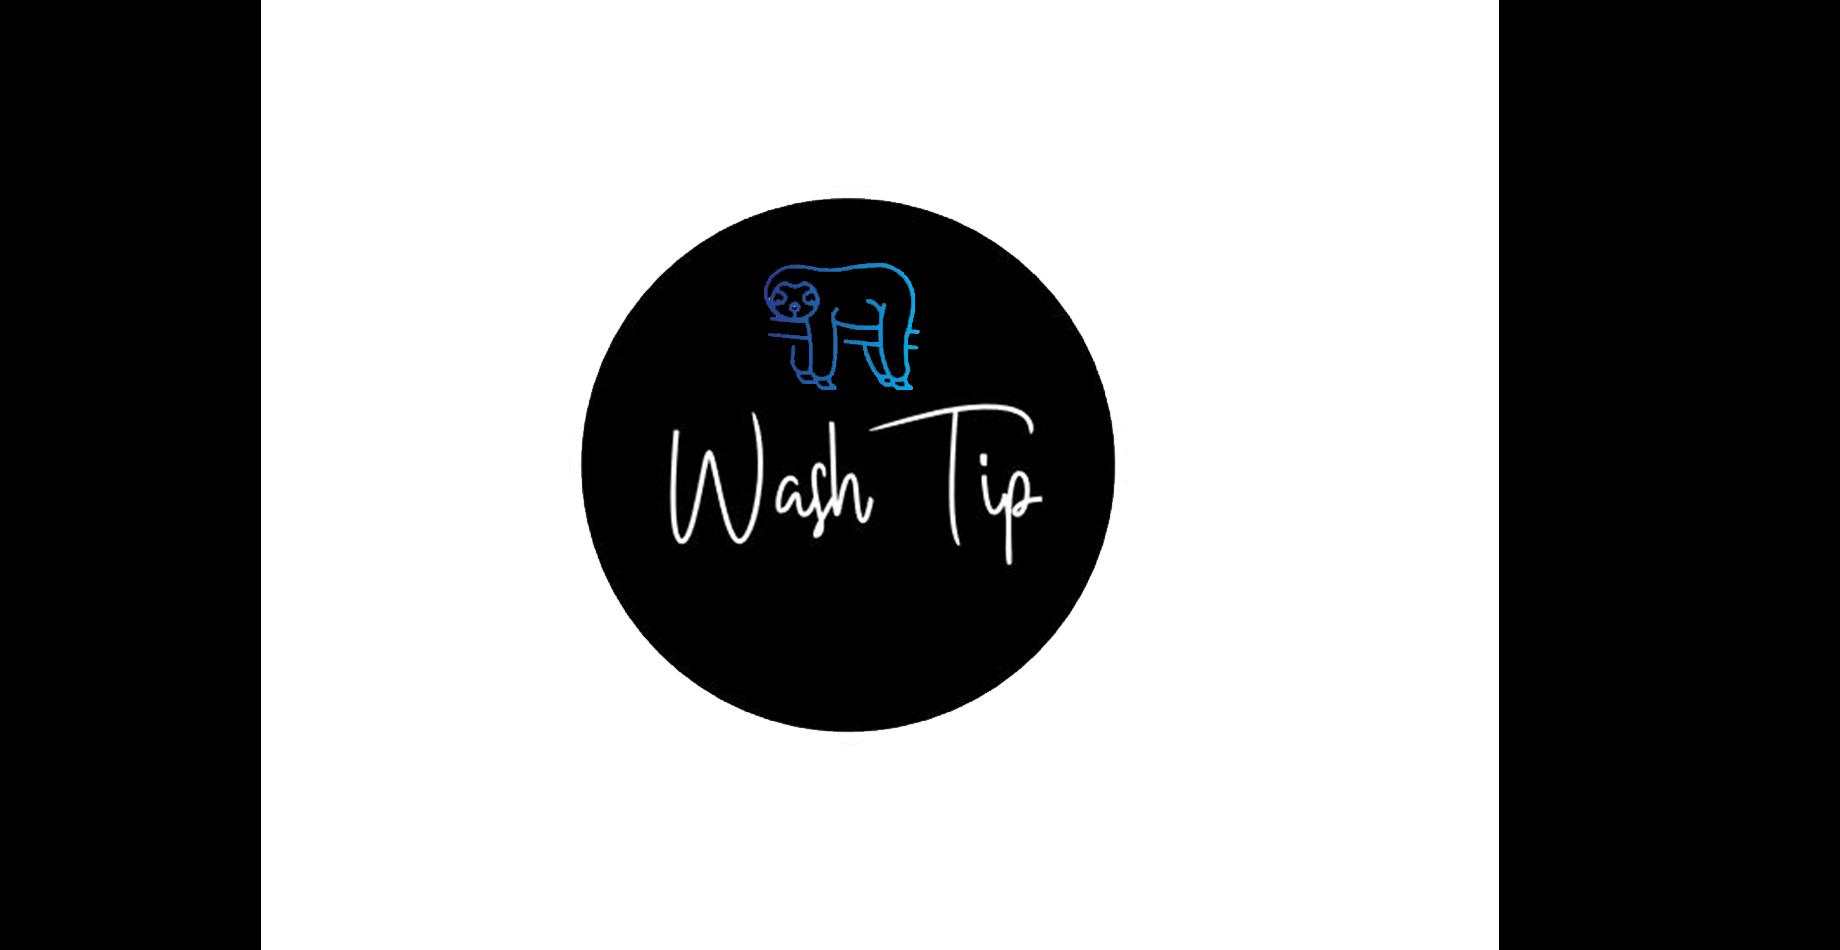 Разработка логотипа для онлайн-сервиса химчистки фото f_9855c0afcdc63910.png